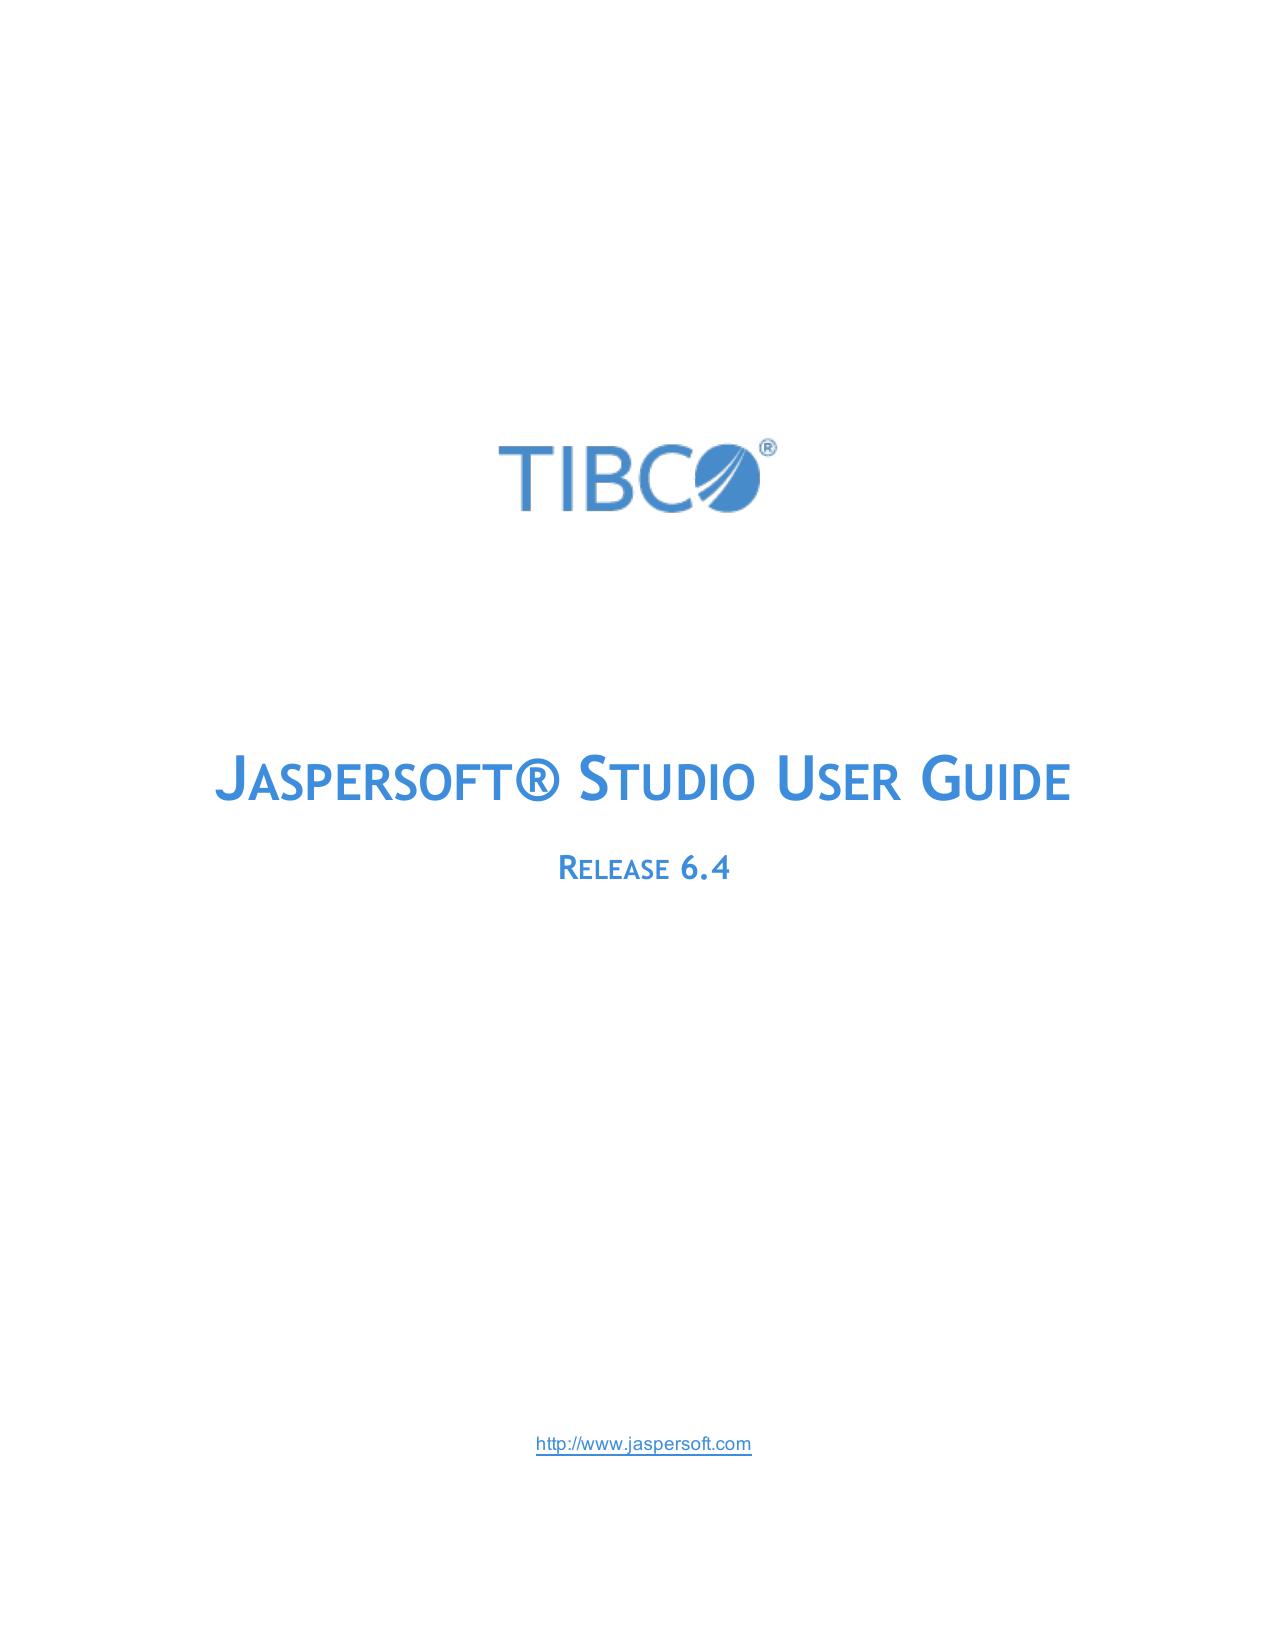 TIBCO Jaspersoft Studio User Guide | manualzz com